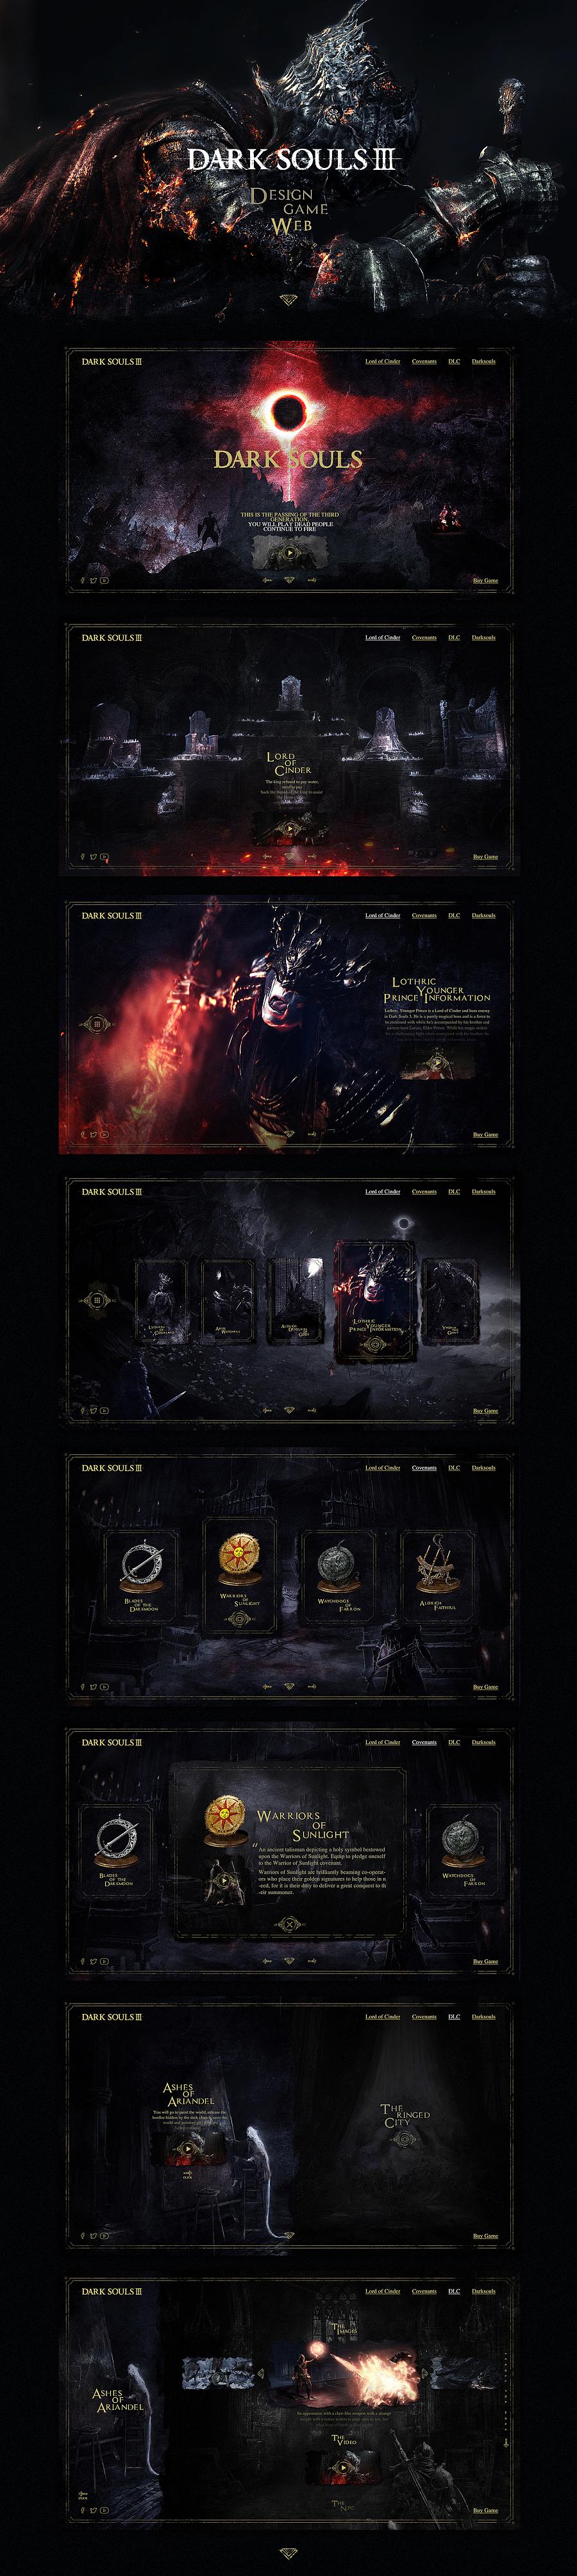 查看《【黑暗之魂3】Dark souls 3》原图,原图尺寸:1366x6100